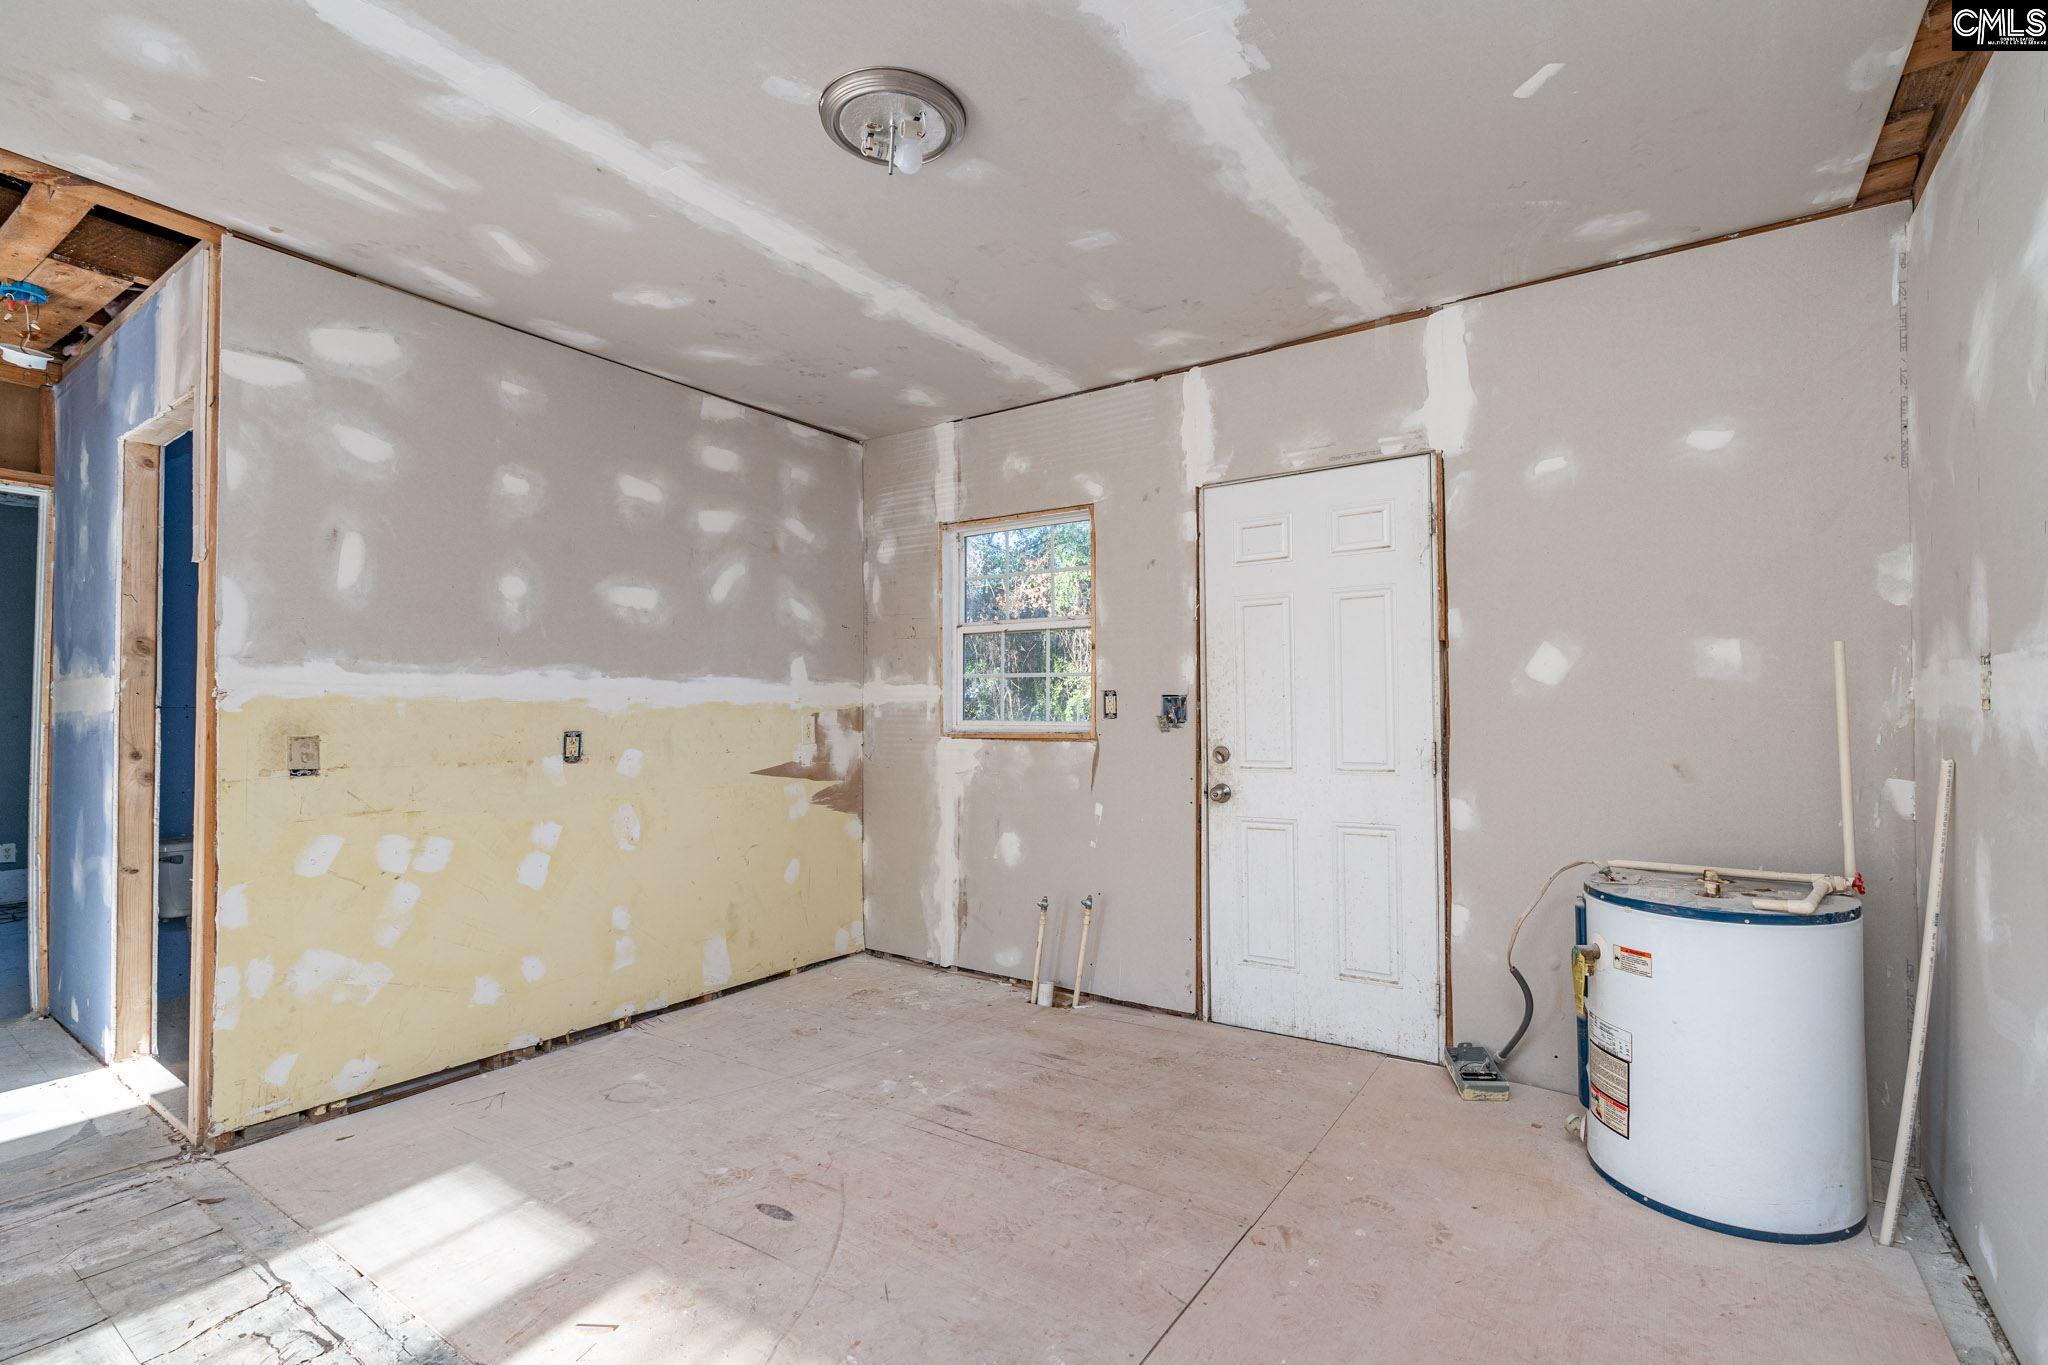 22 Buttercup Street Sumter, SC 29150